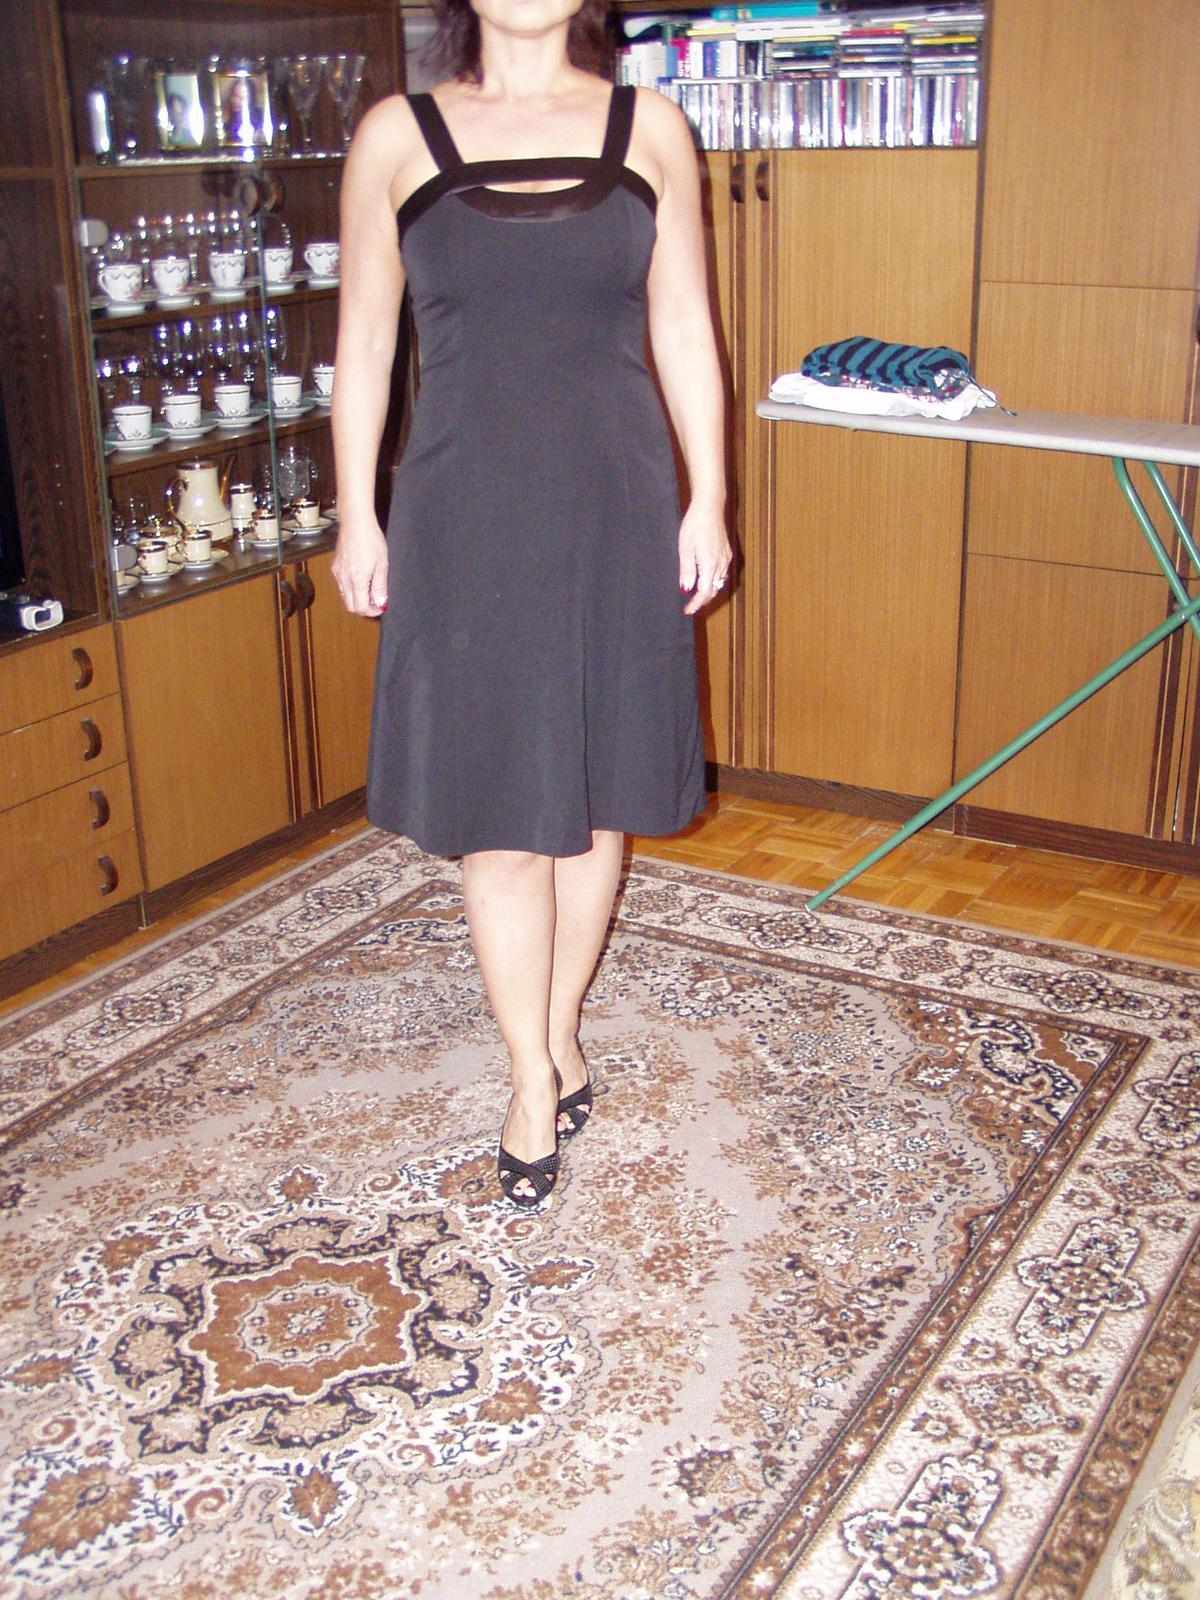 čierne spoločenské šaty Chantal veľ. 40 - Obrázok č. 3